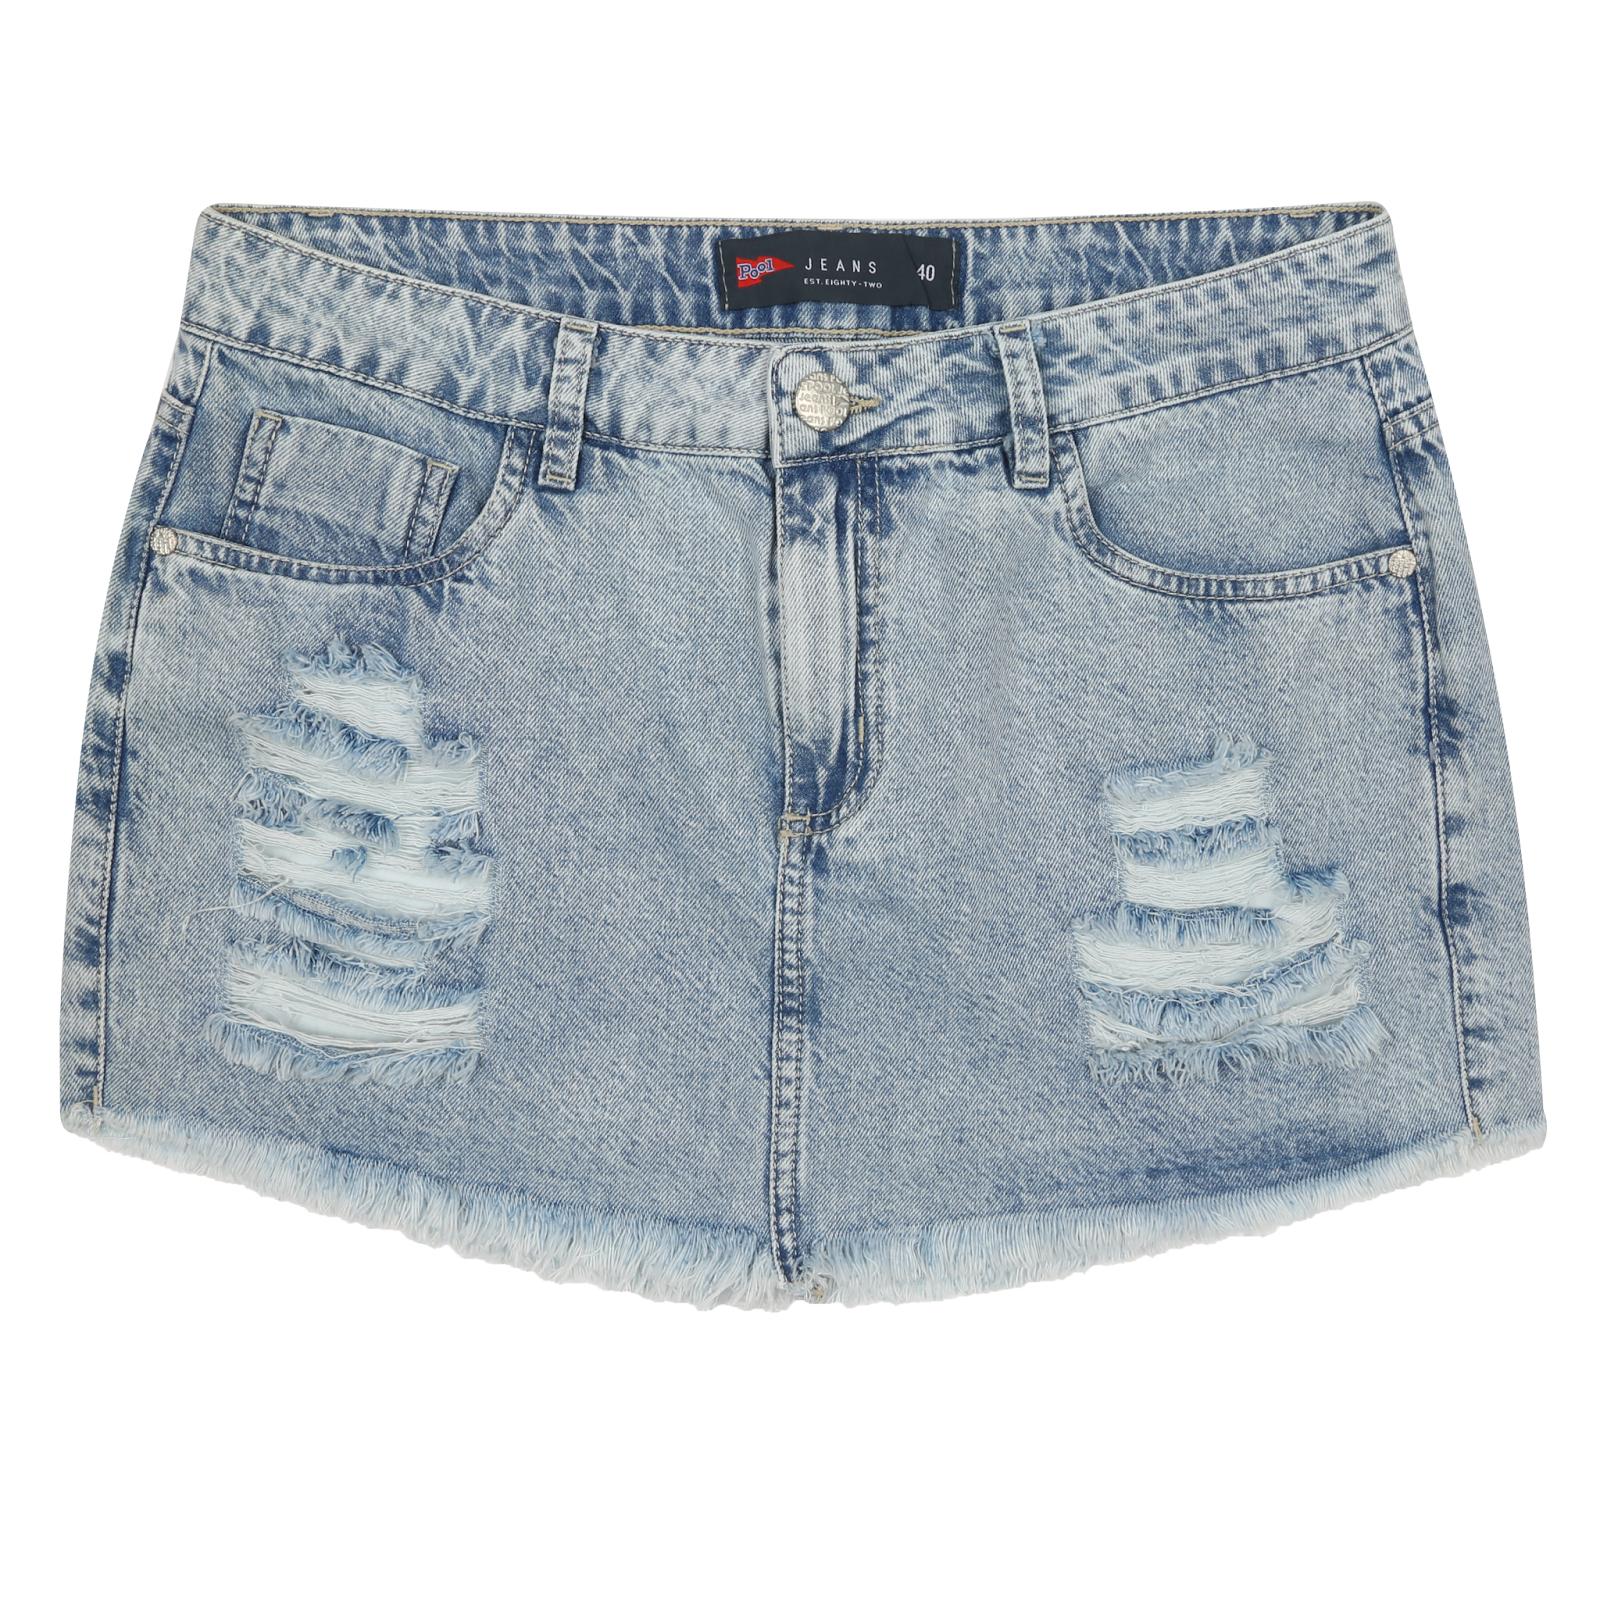 Coleção Jeans Pool 2015 - Riachuelo 5b96eb3ccca16